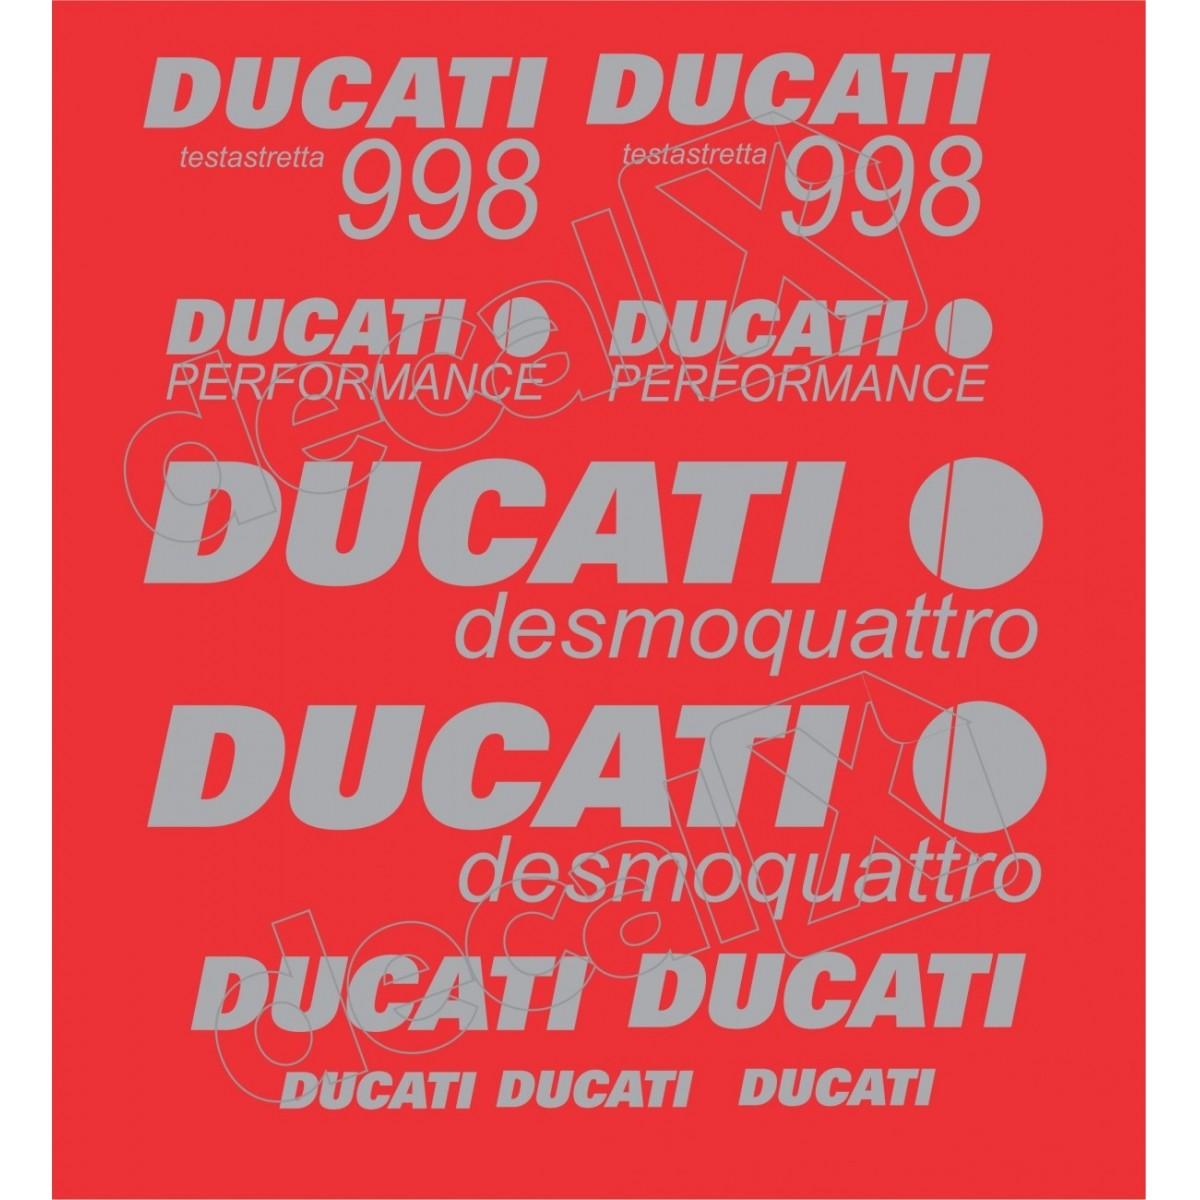 Kit Adesivos Ducati 998 Desmoquattro Performance Vermelha